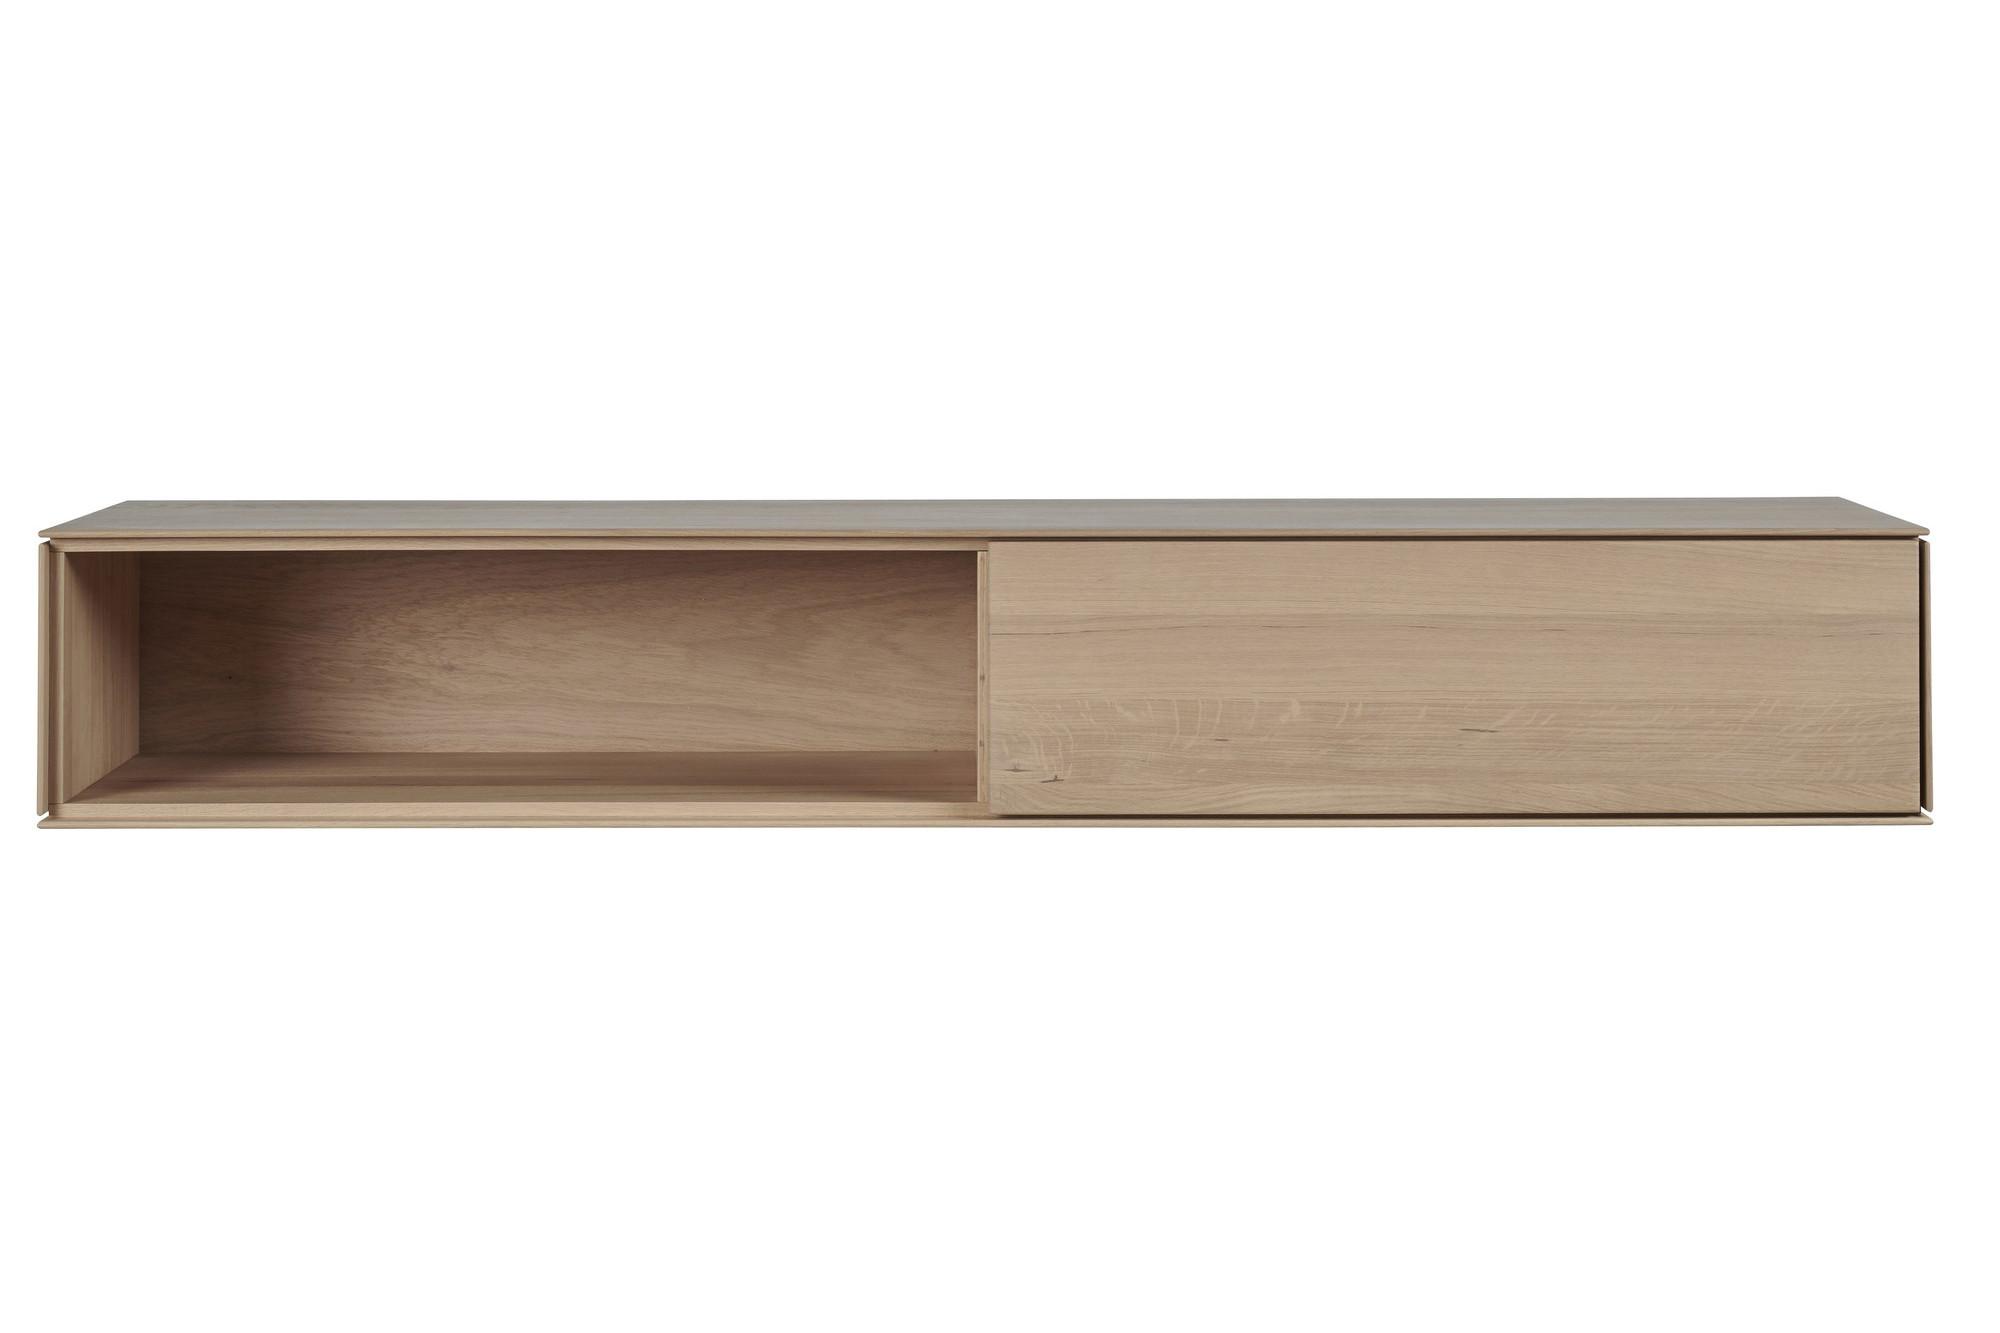 meuble tv suspendu en bois avec un tiroir et une niche hellin